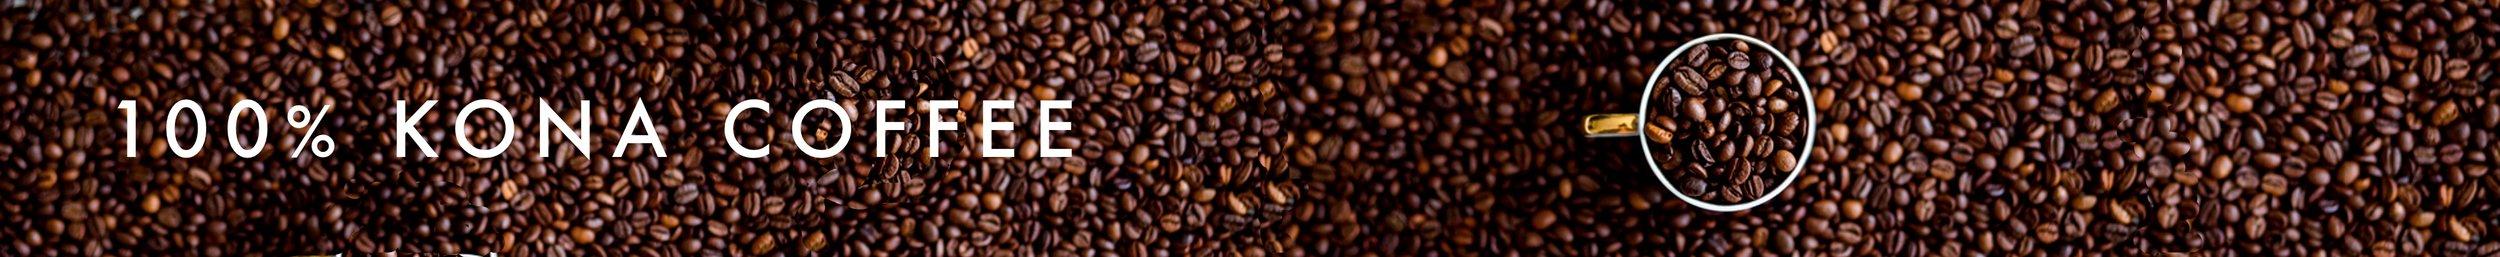 100% Kona Coffee Shop